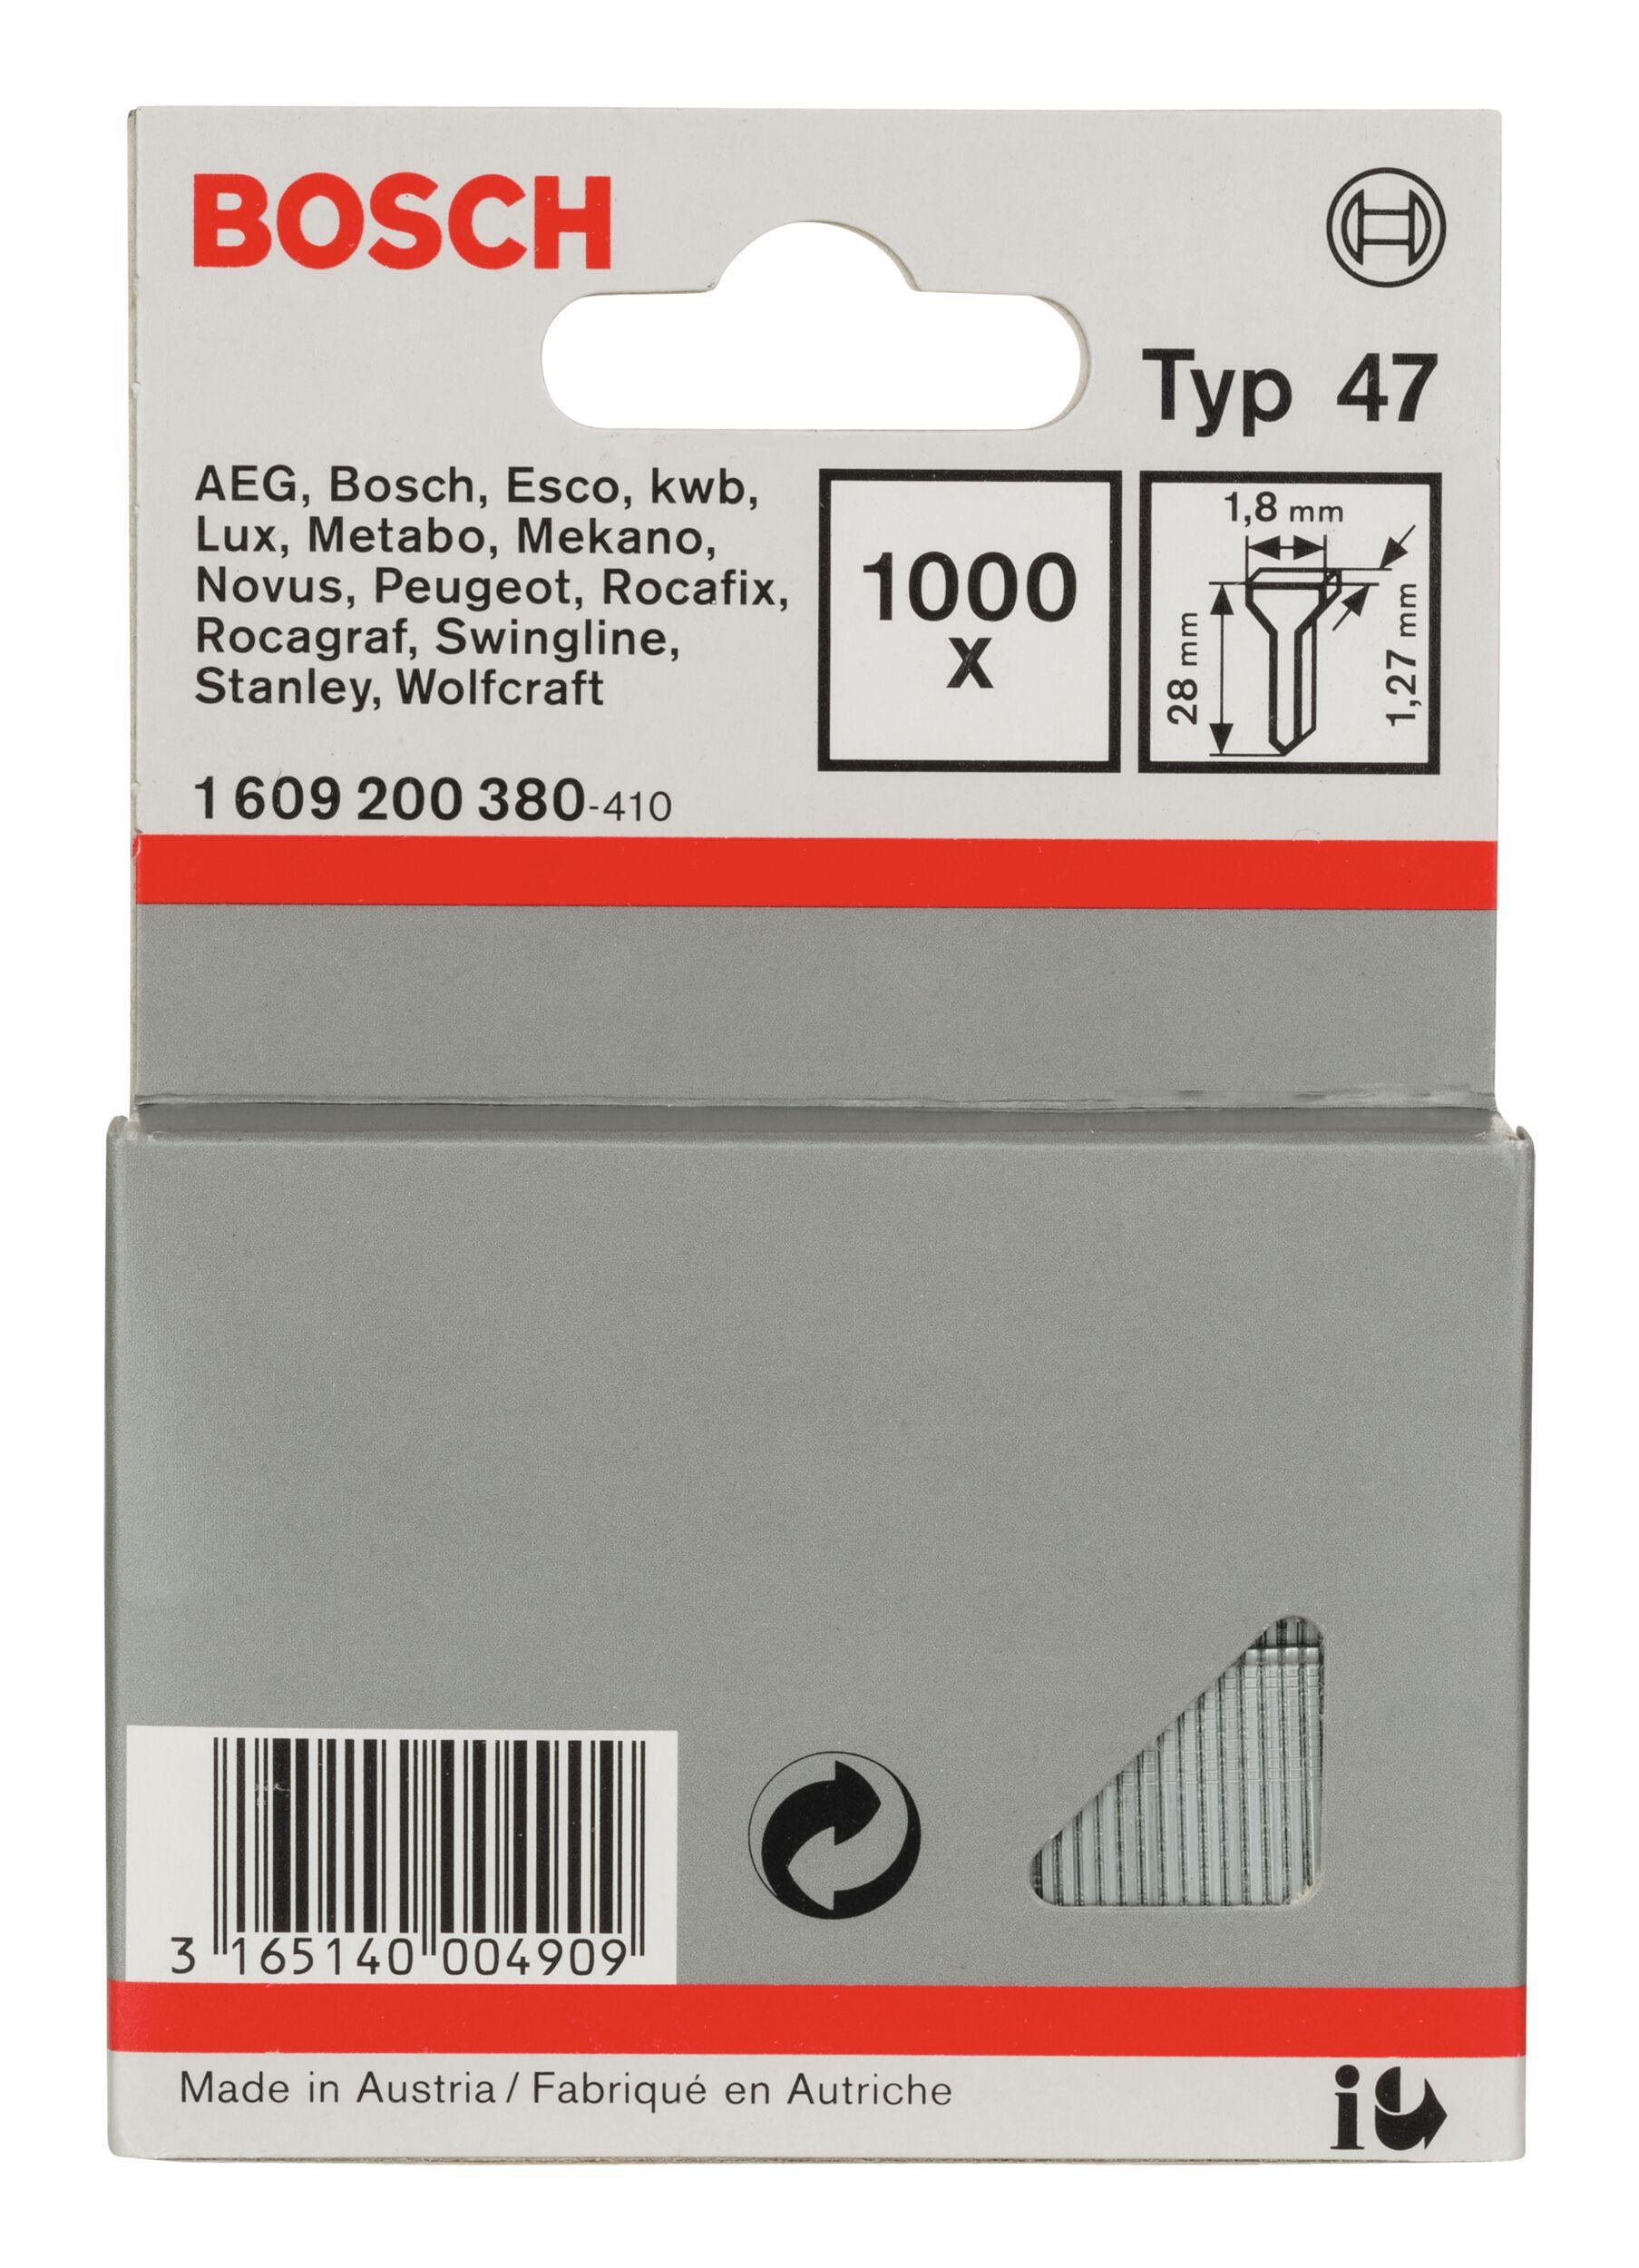 Bosch Zubehör Typ 47 Tackernagel - 1,27 x 28 x 1,8 mm -... 1609200380 (1.000 Stück)